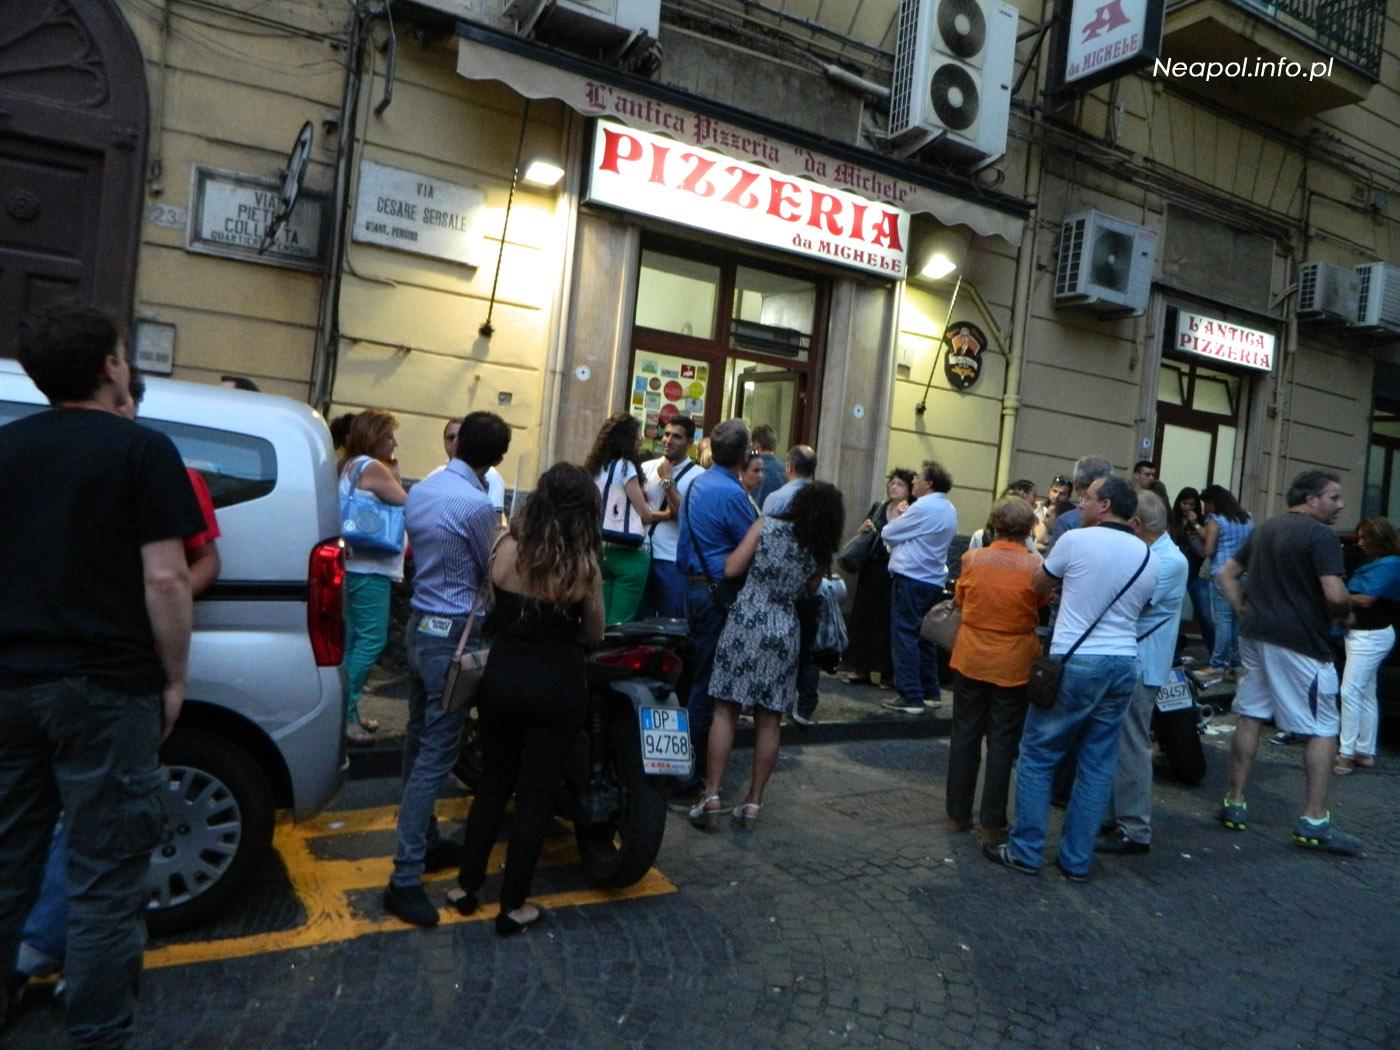 Kolejka przed pizzerią Da Michele